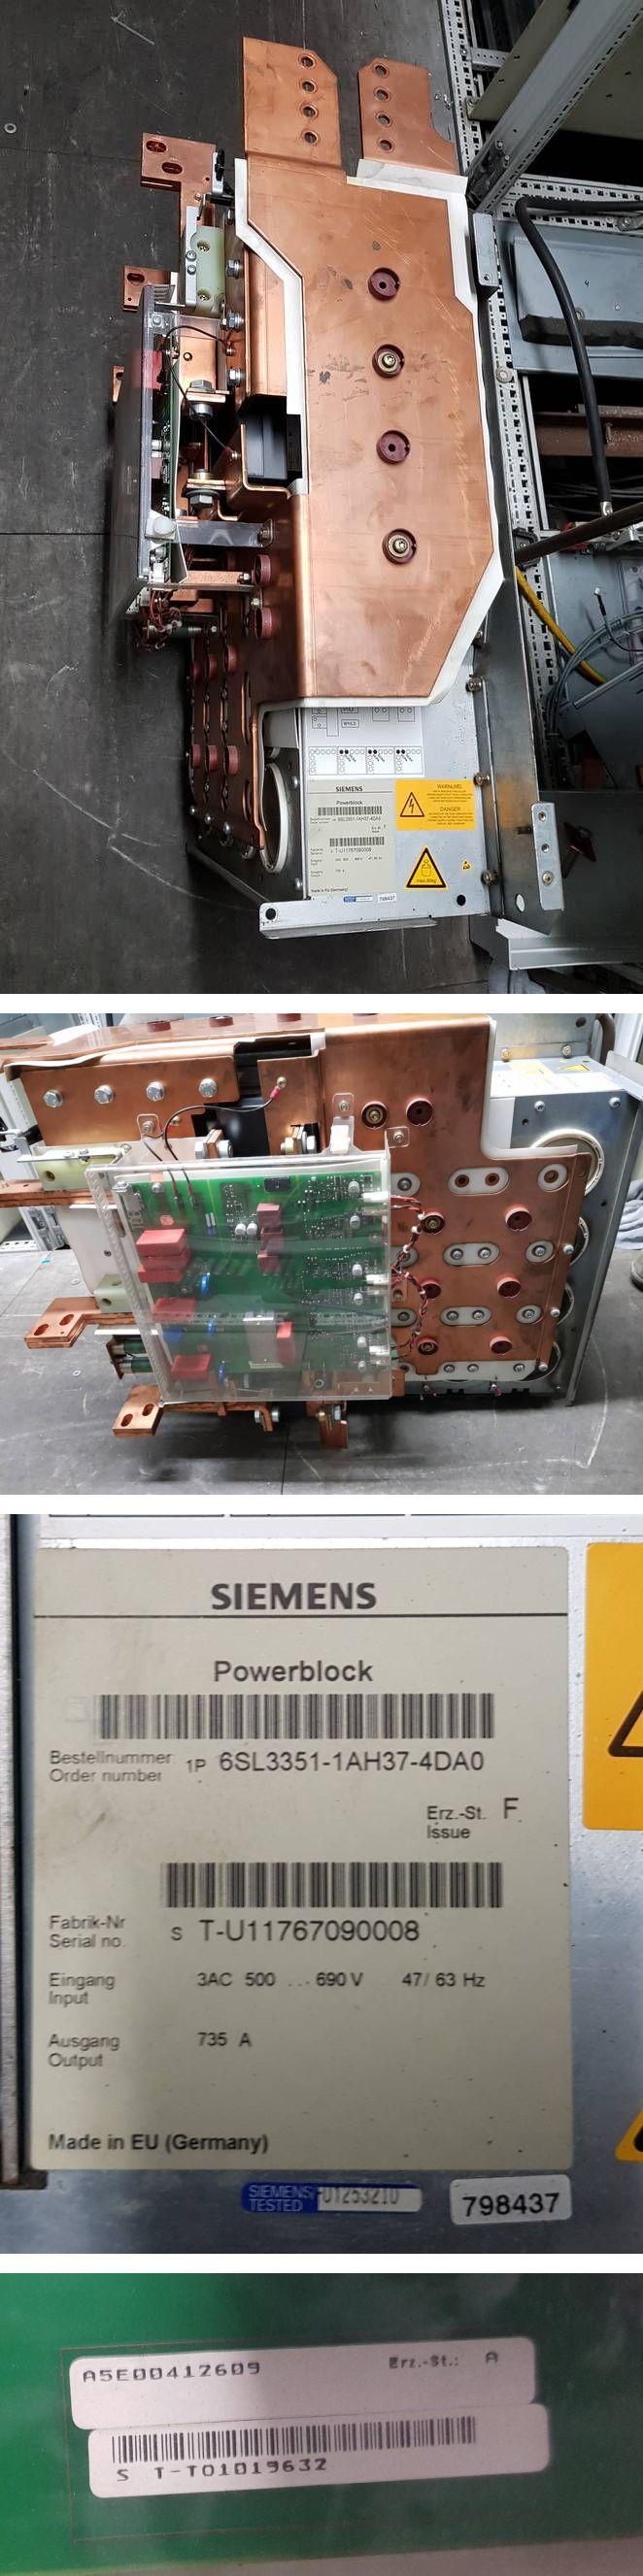 Siemens 6SL3351-1AH37-4DA0